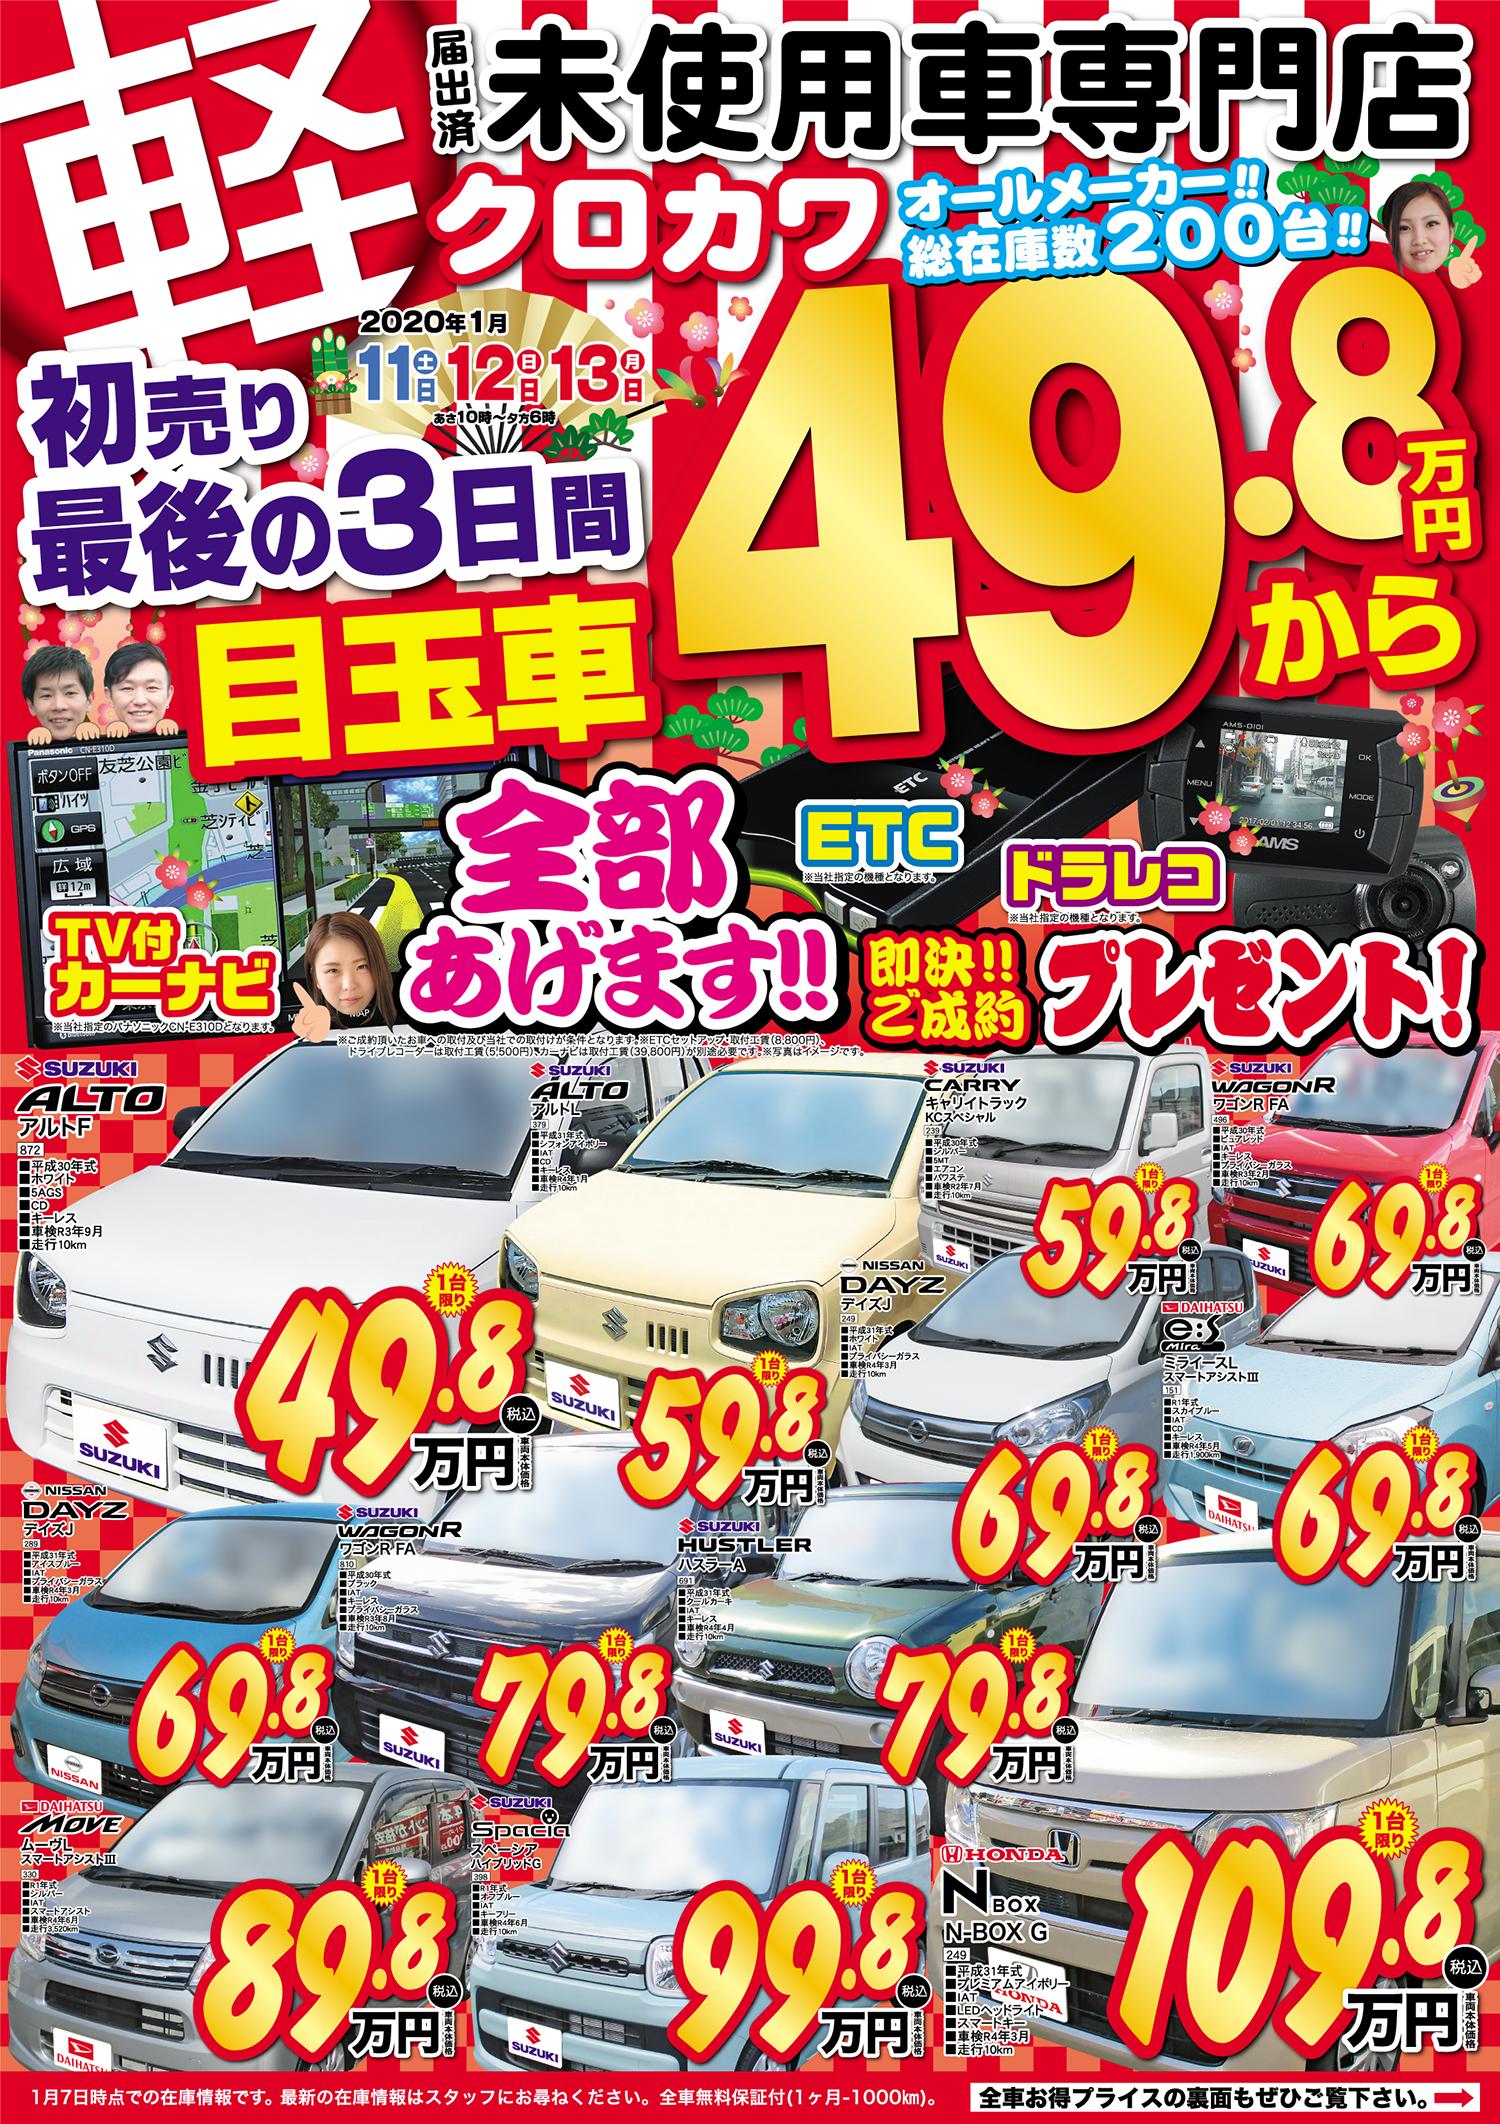 【初売り最後の3日間】目玉車49.8万円から!